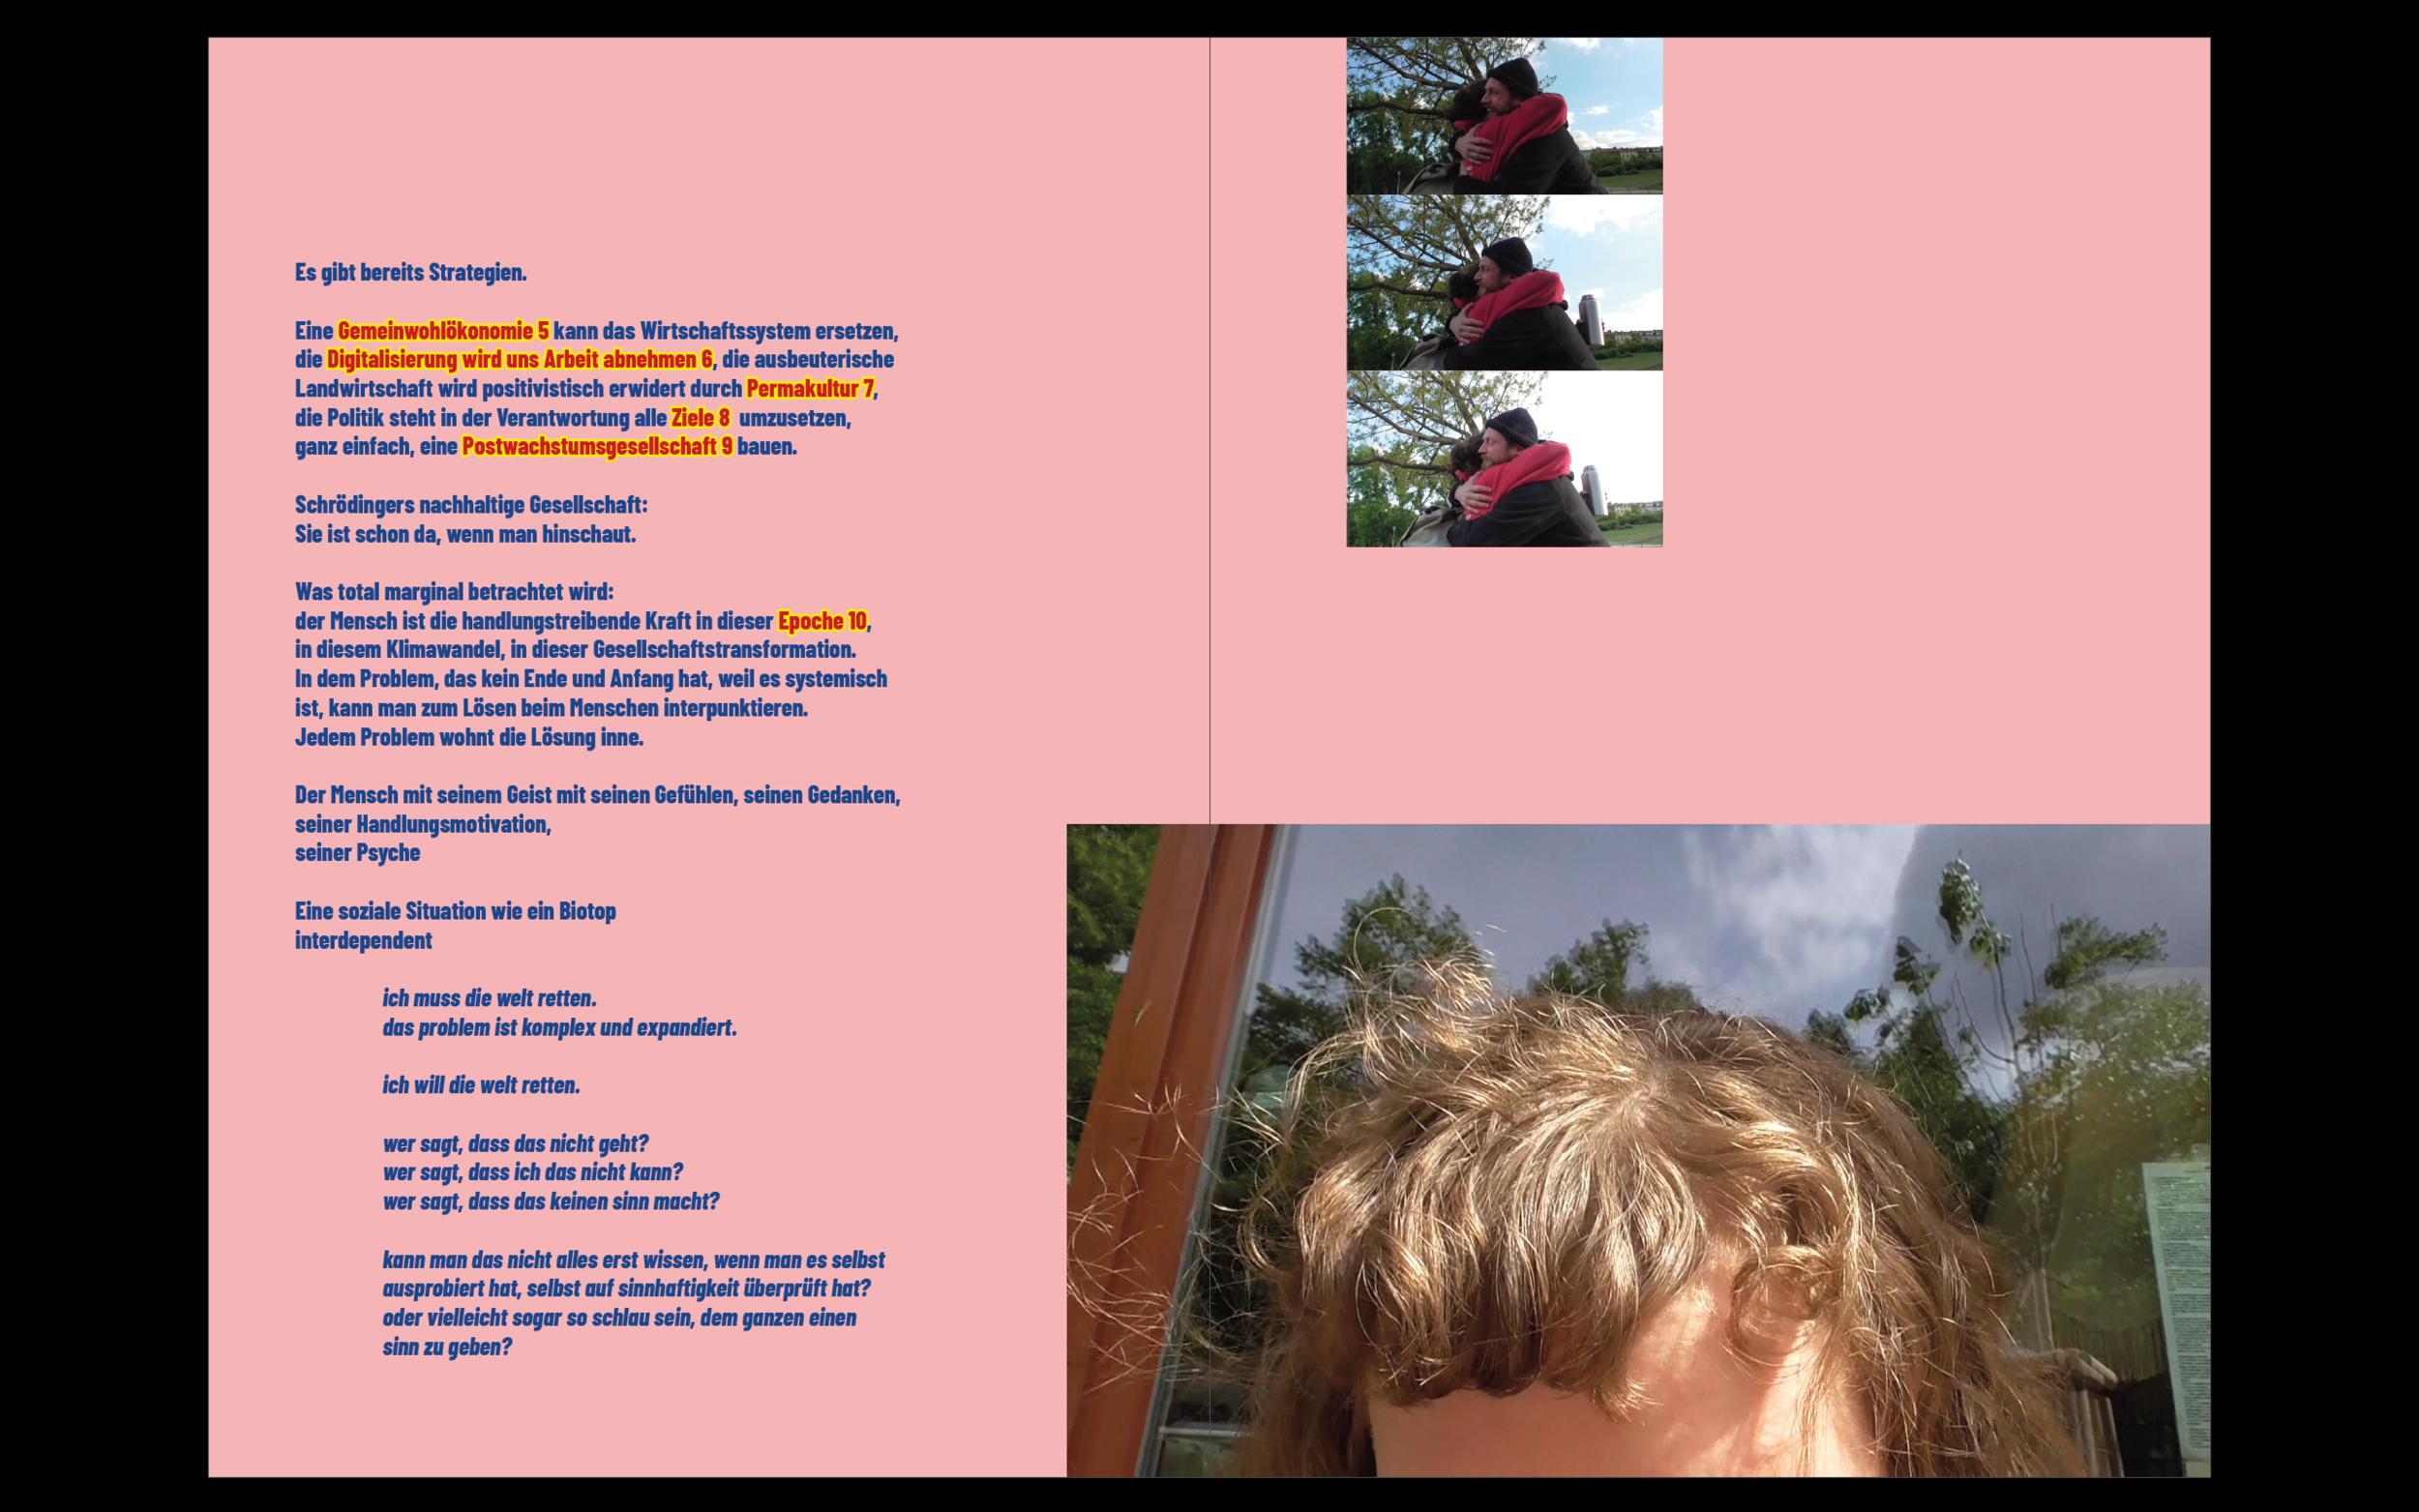 Bildschirmfoto 2019-07-17 um 08.52.18.png